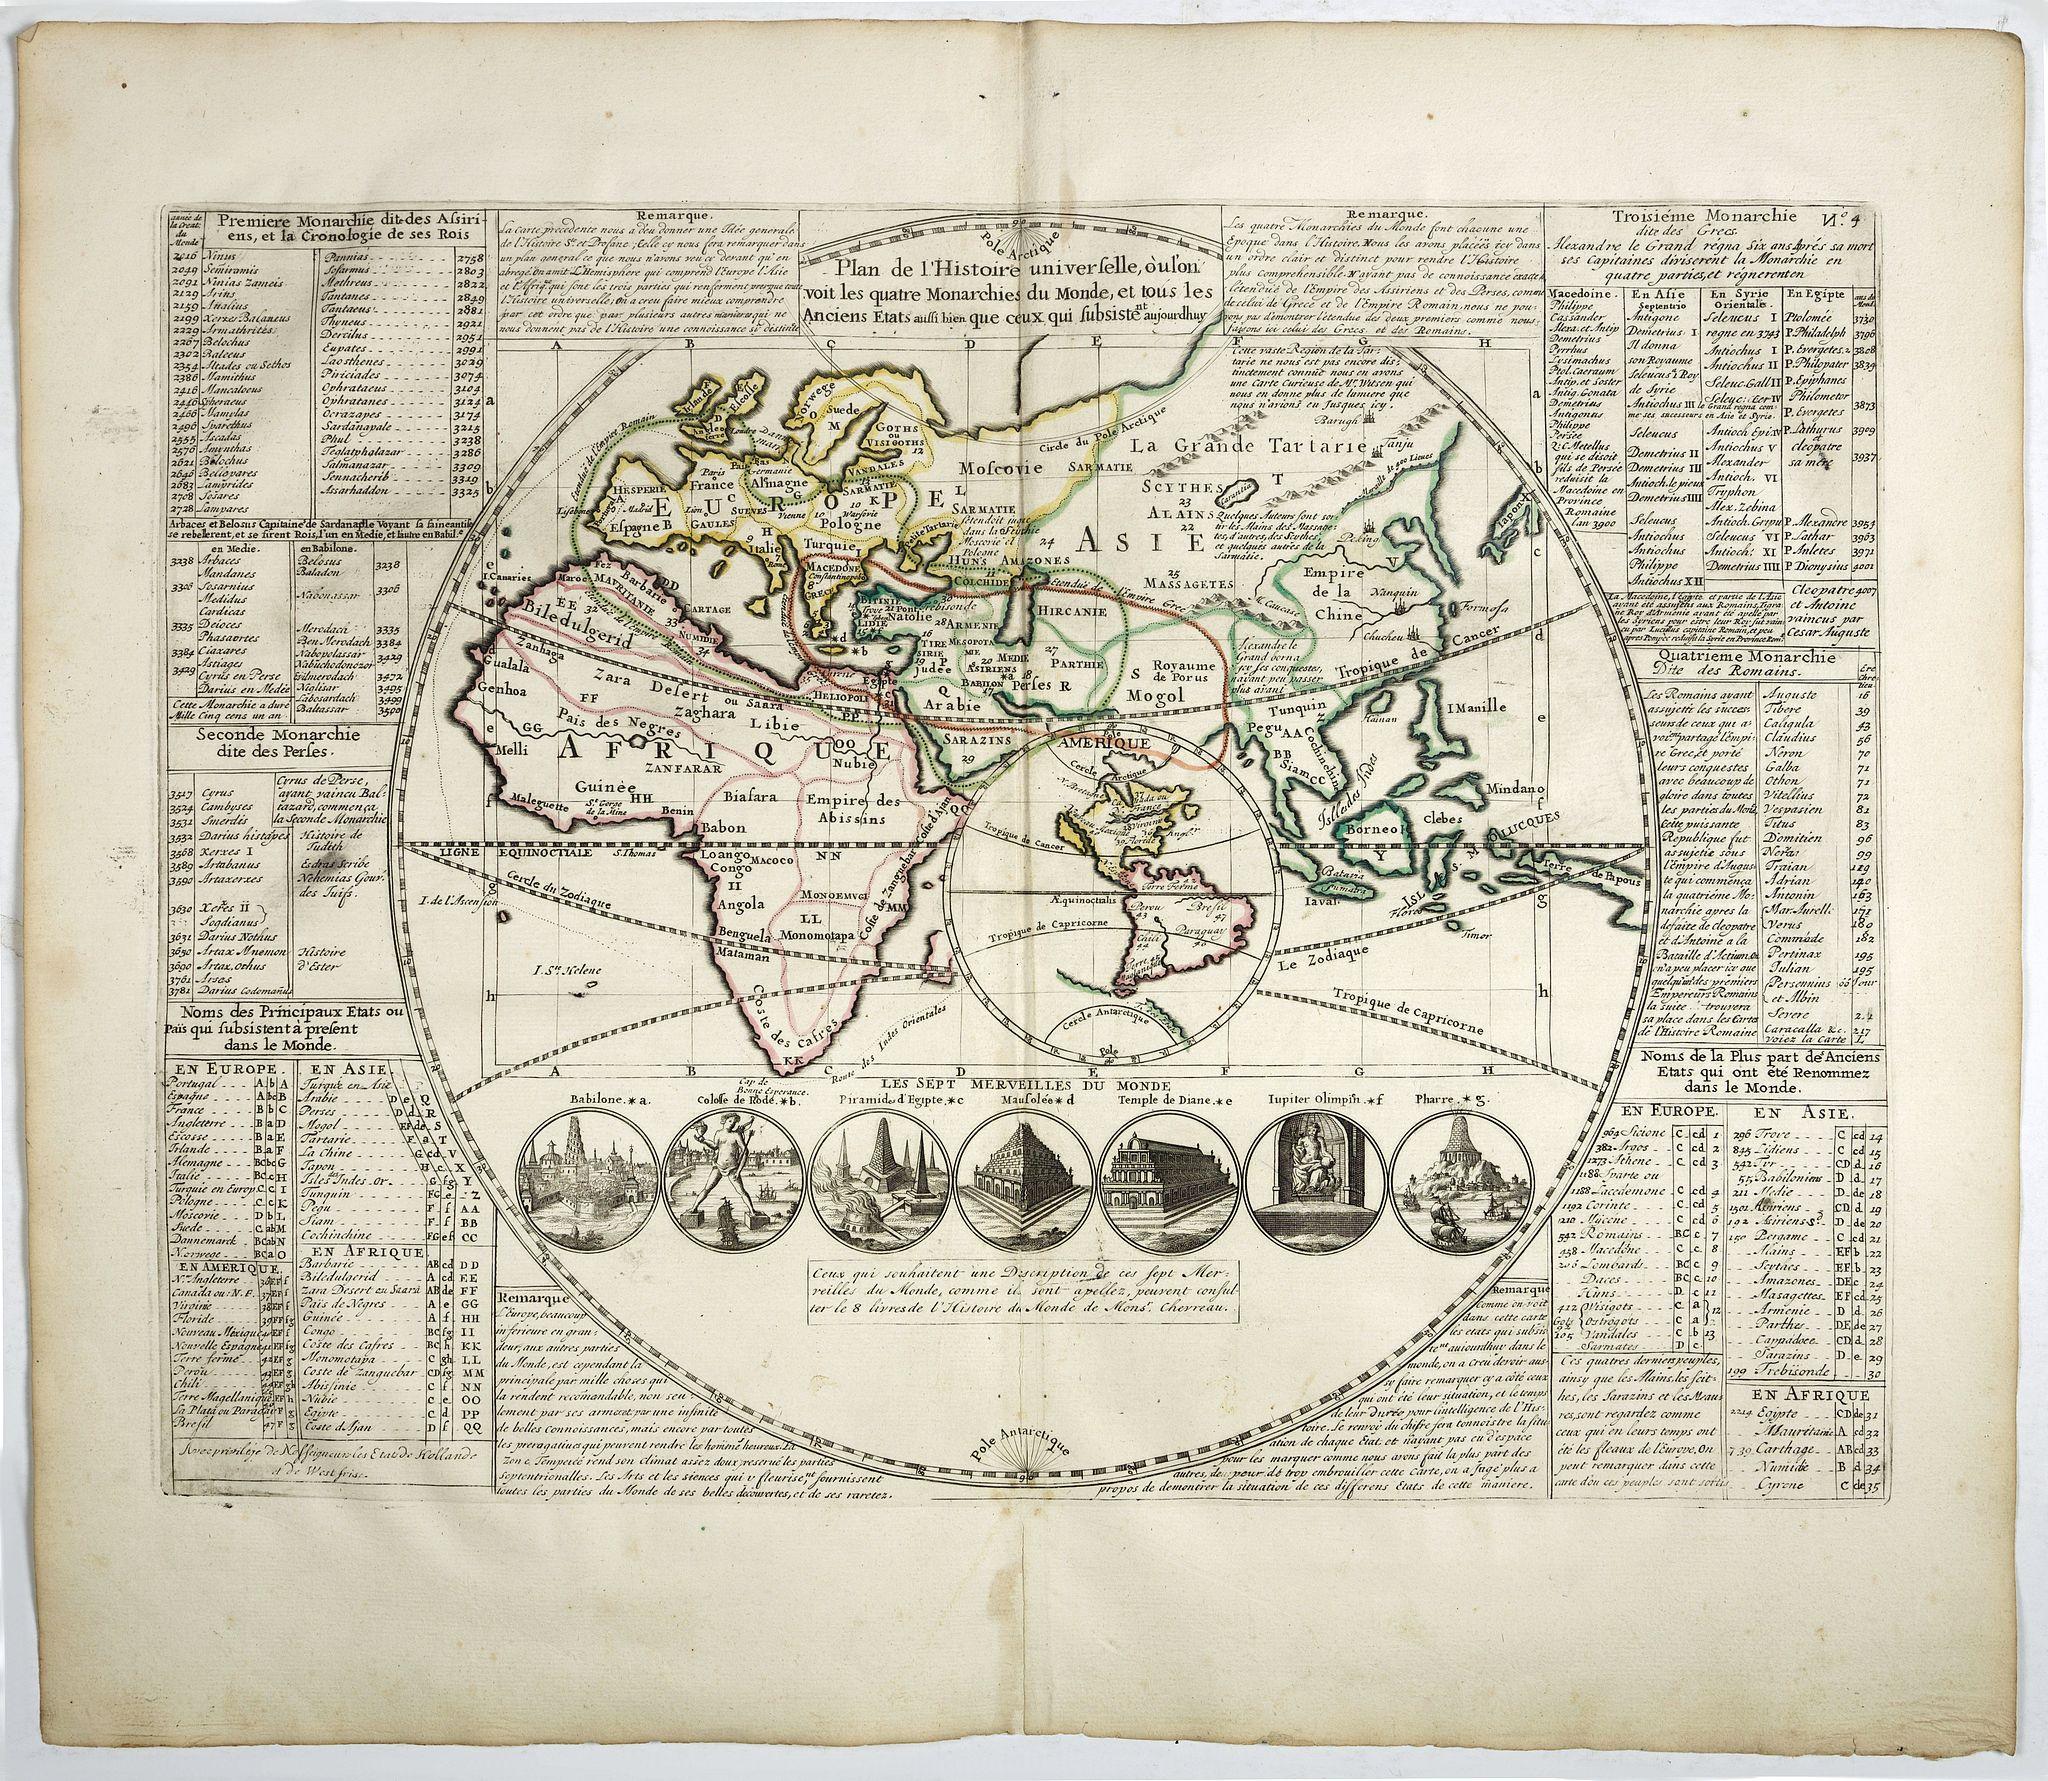 CHATELAIN, H. -  Plan de l'Histoire Universelle où l'on voit les quatre monarchies du Monde . . ..